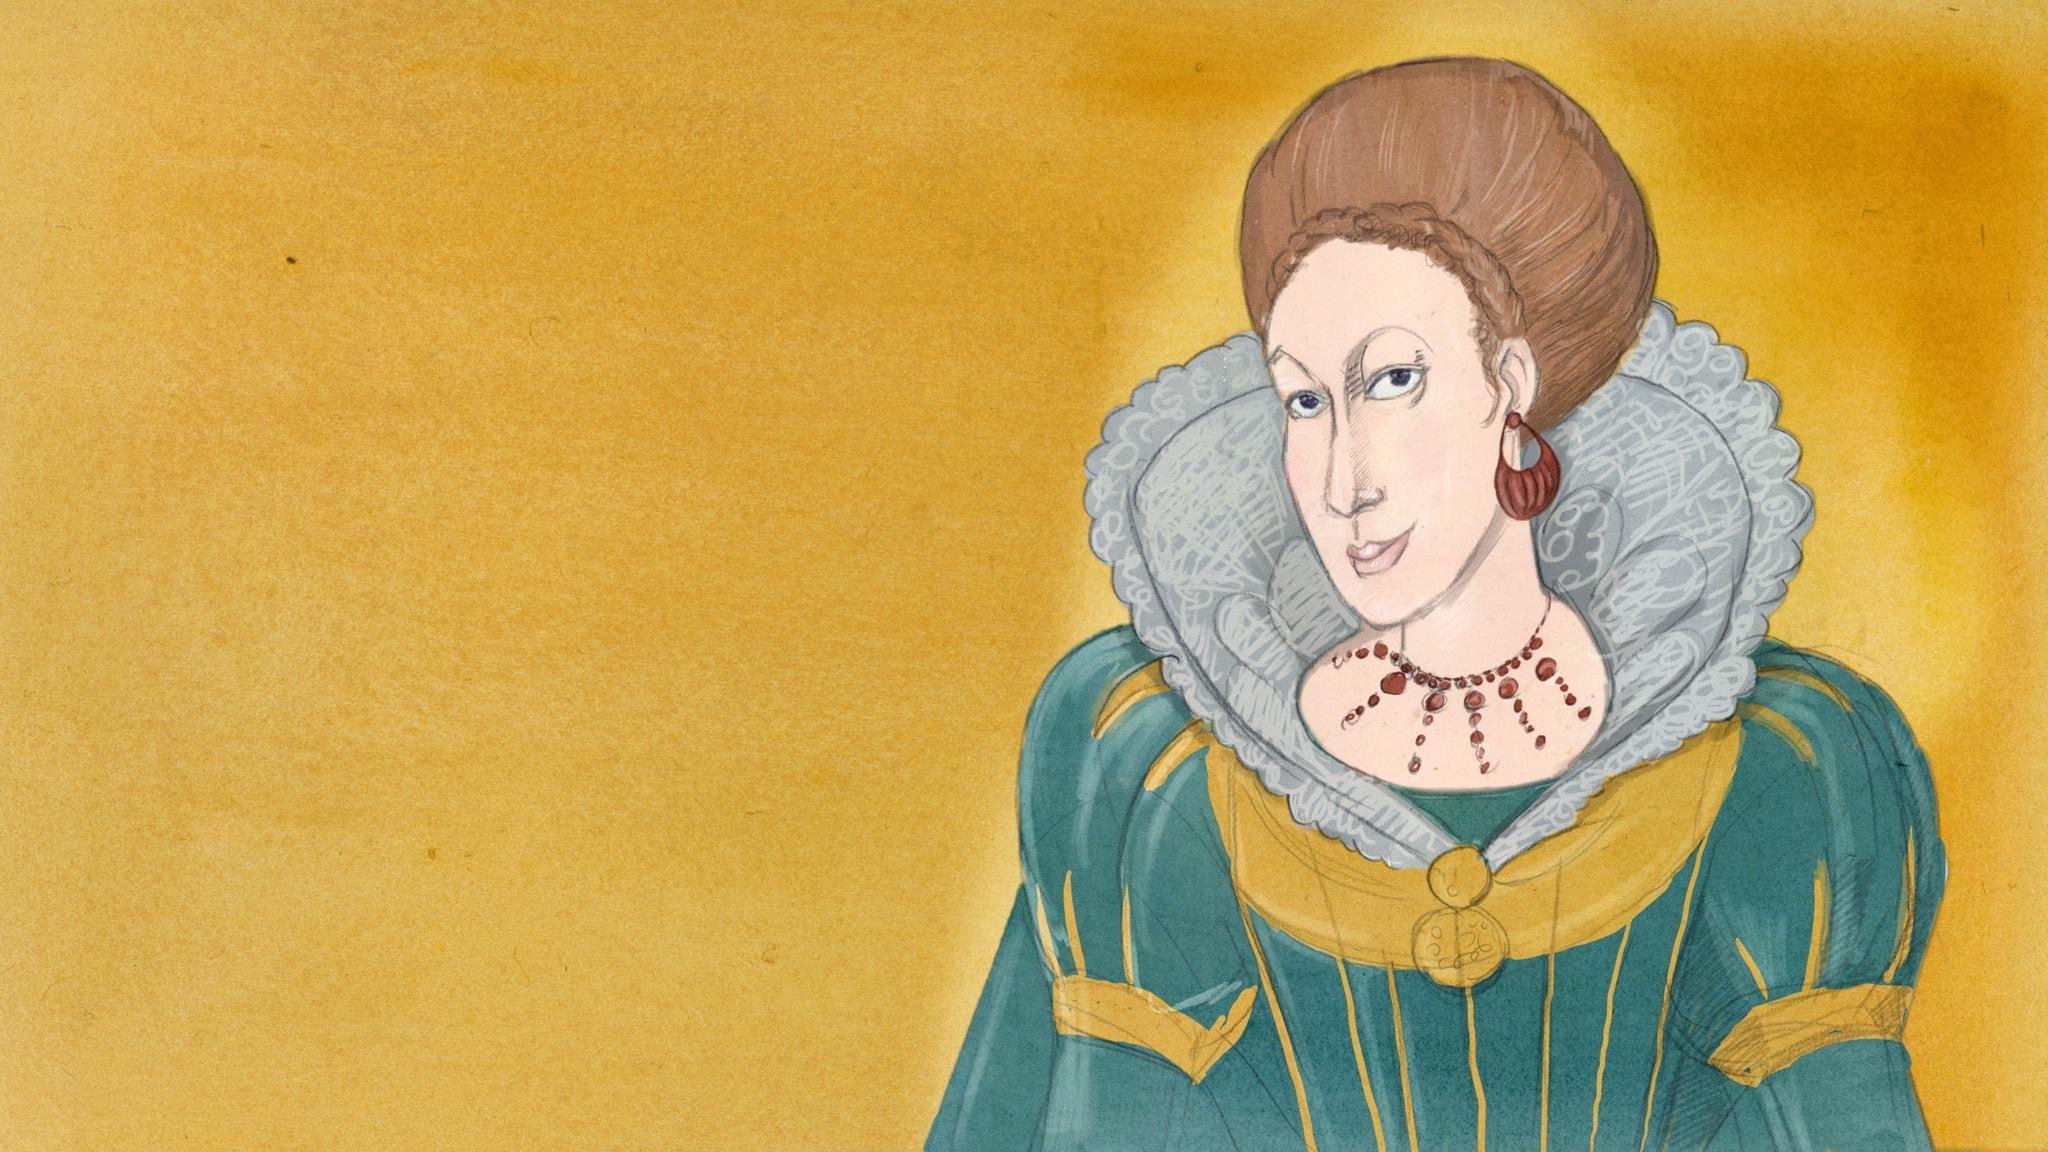 Cecilia Vasa - piraten och partyprinsessan